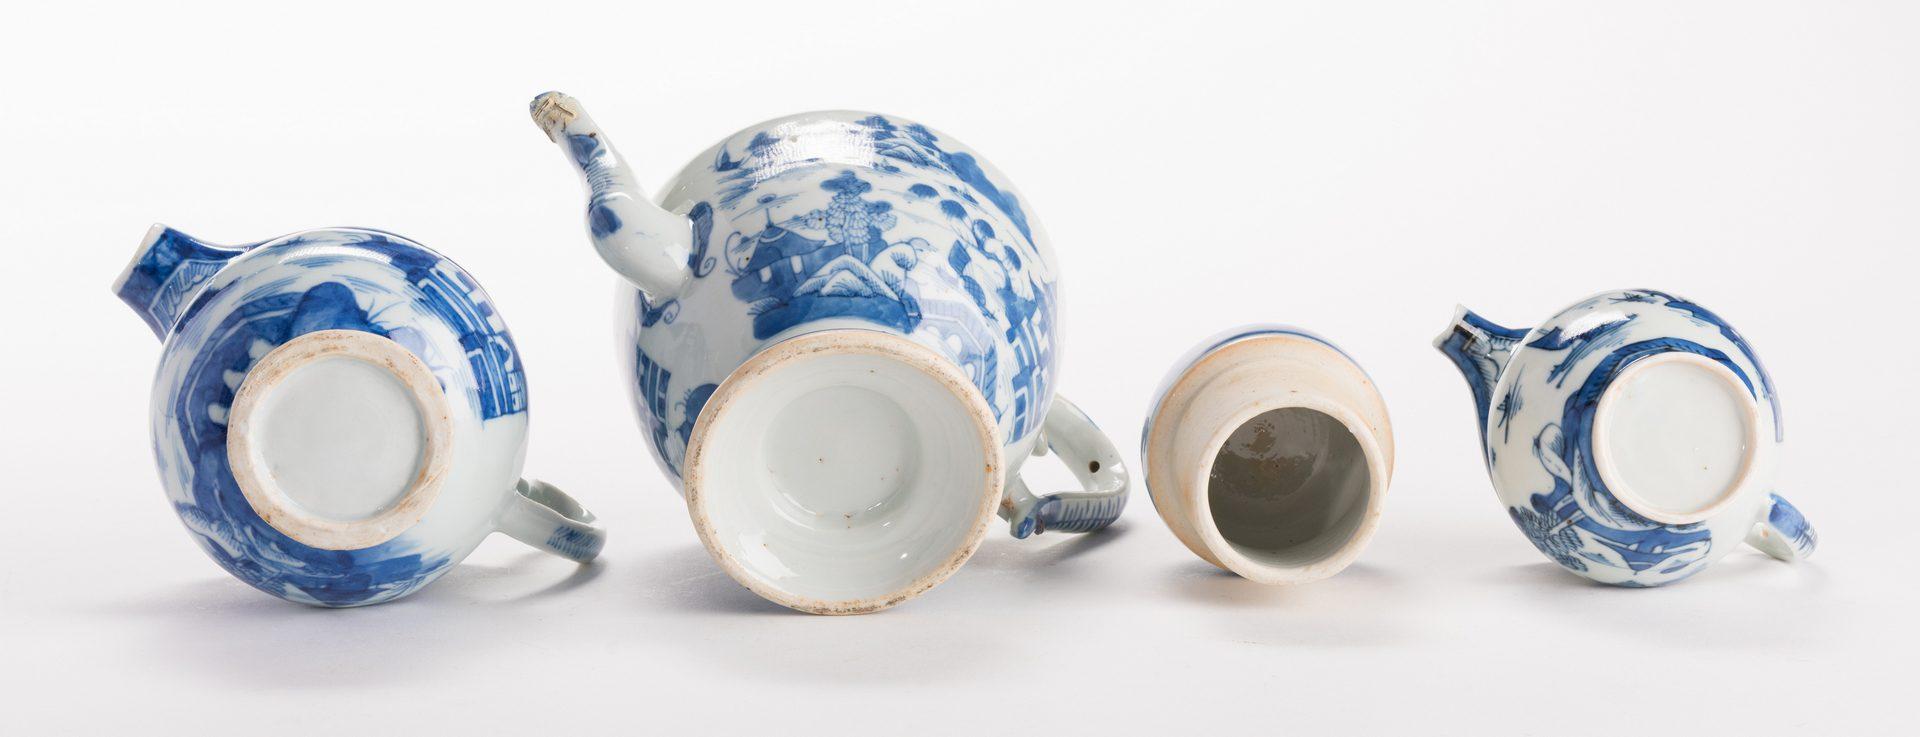 Lot 645: Canton Partial Tea Set & more, 42 pcs